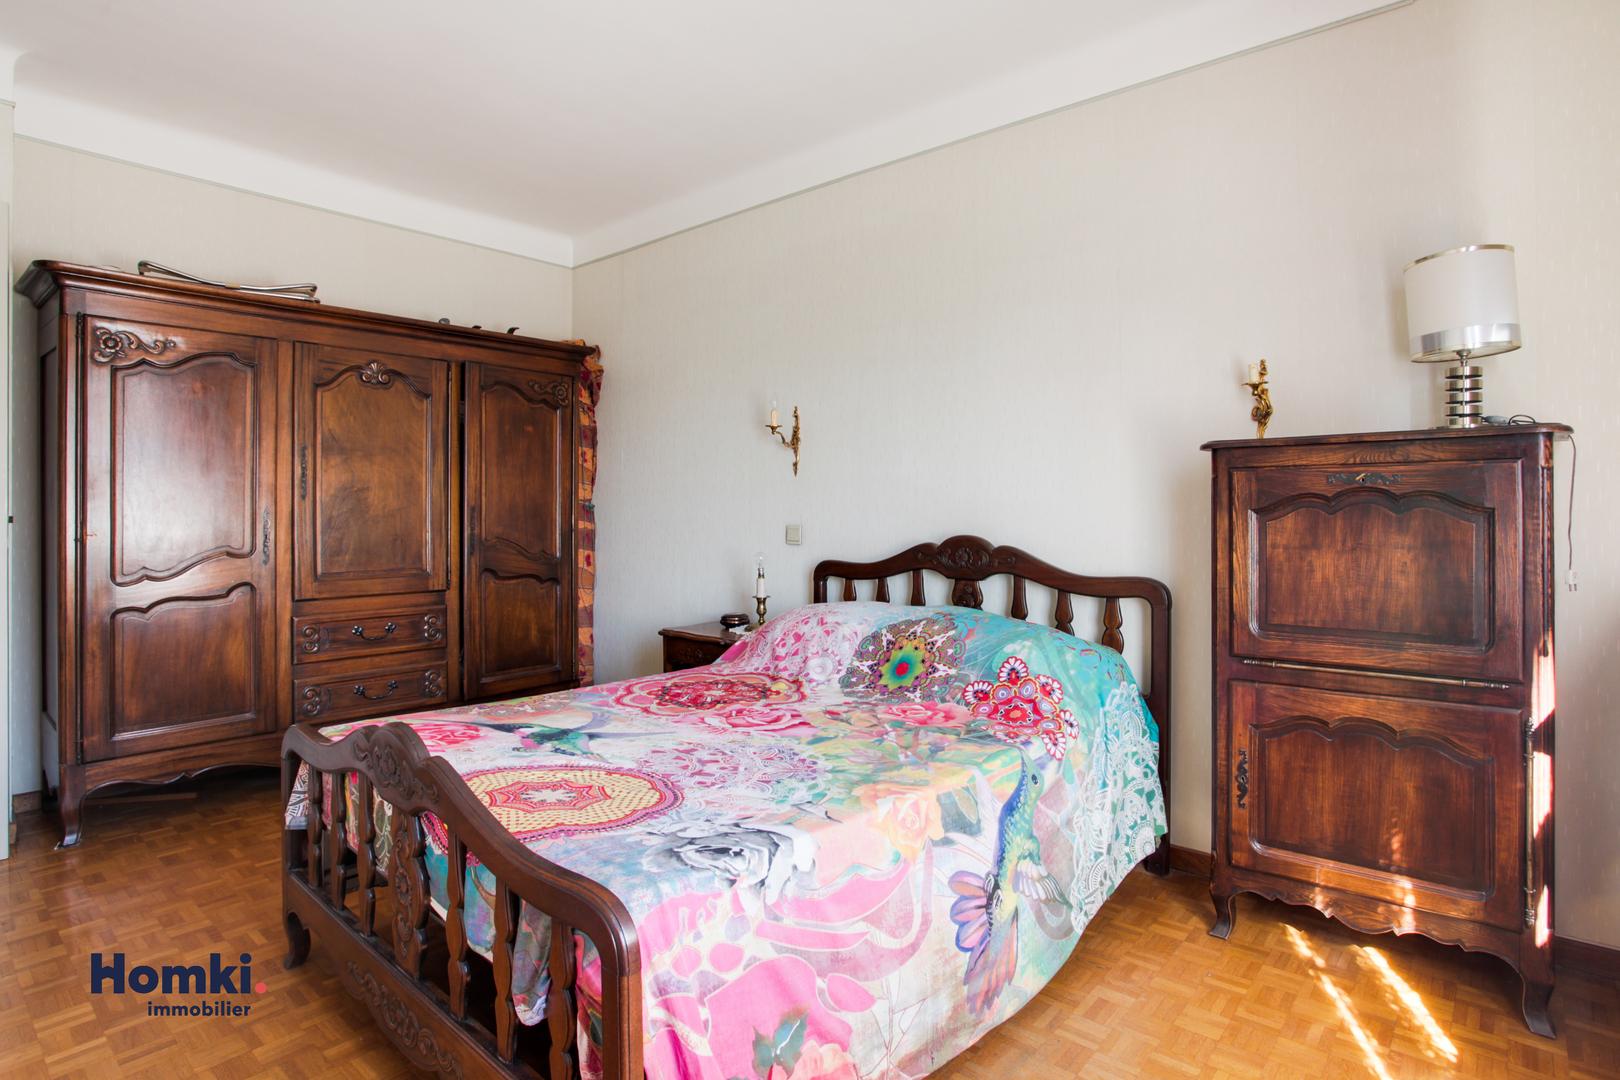 Vente Appartement 86 m² T4 13005_7